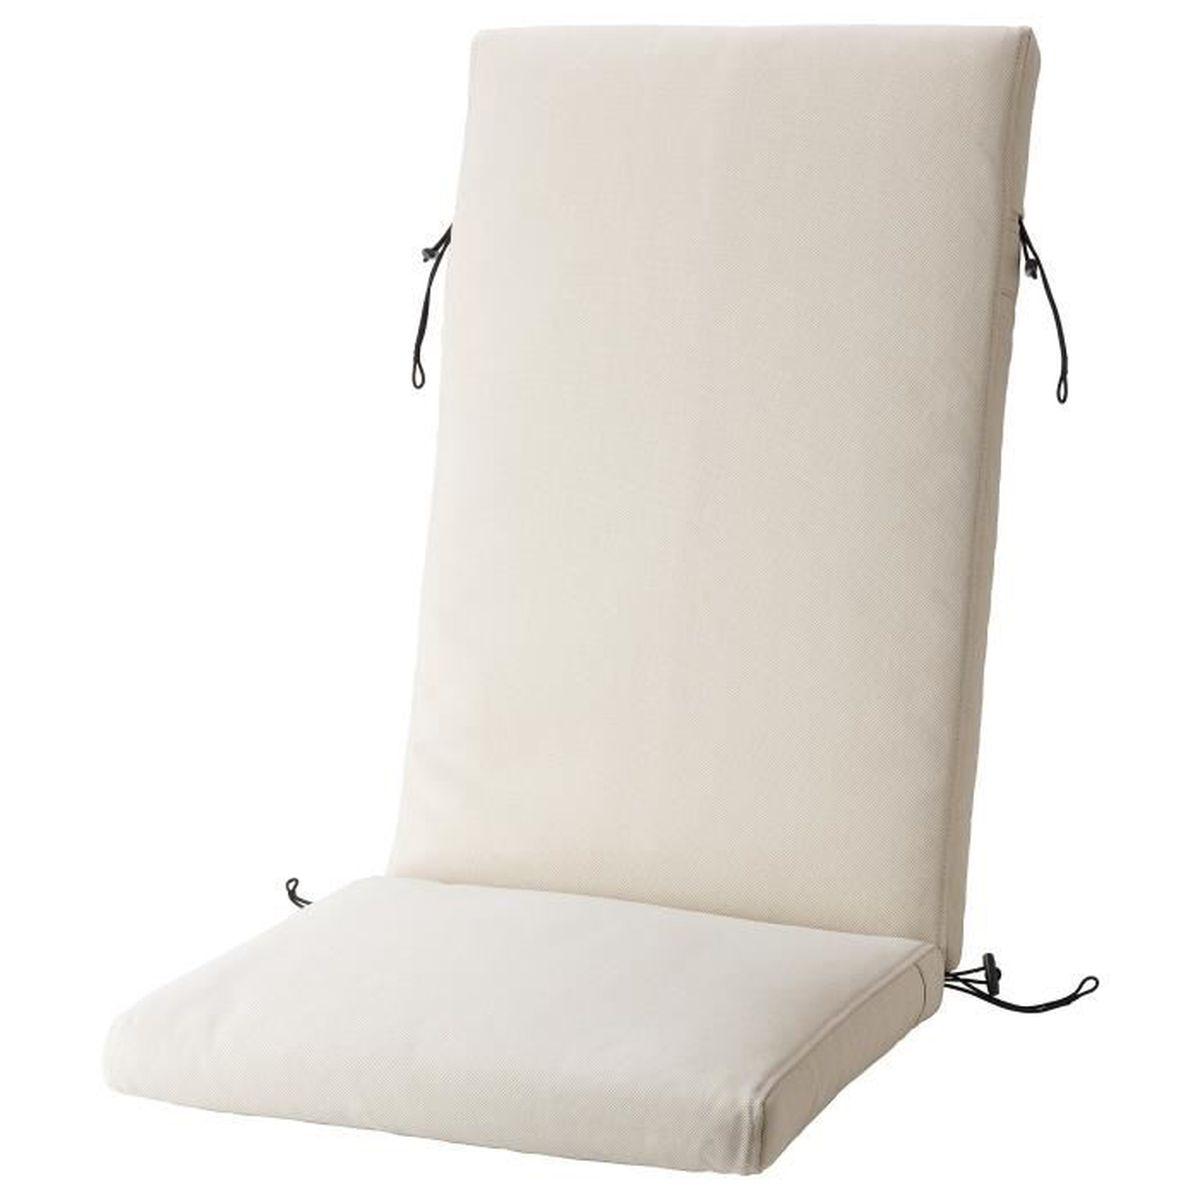 Coussin Assise Dossier Couleur Beige Pour Chaise Terrasse Ou Jardin Extrieur 116x45 Cm Froson Duvholmen Ikea